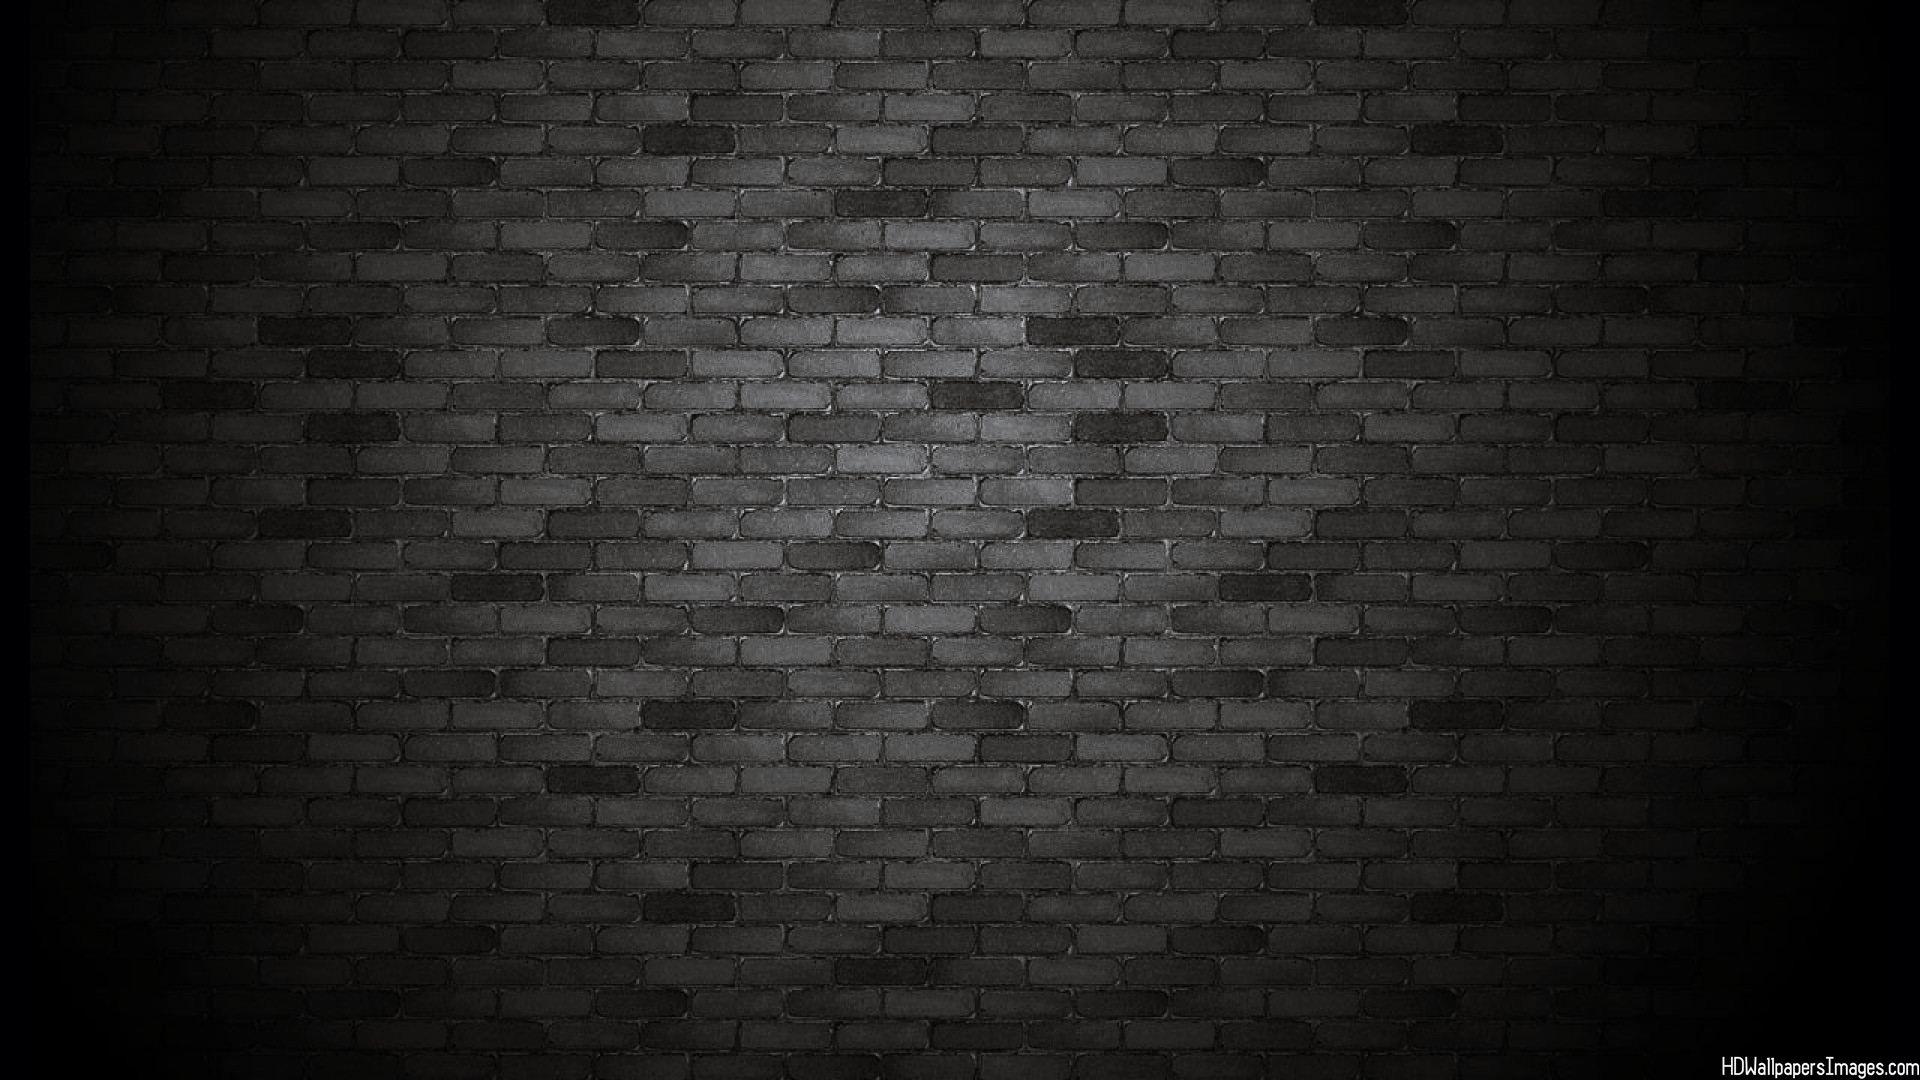 Dark Textures clipart background design black Clipart background background hd Black